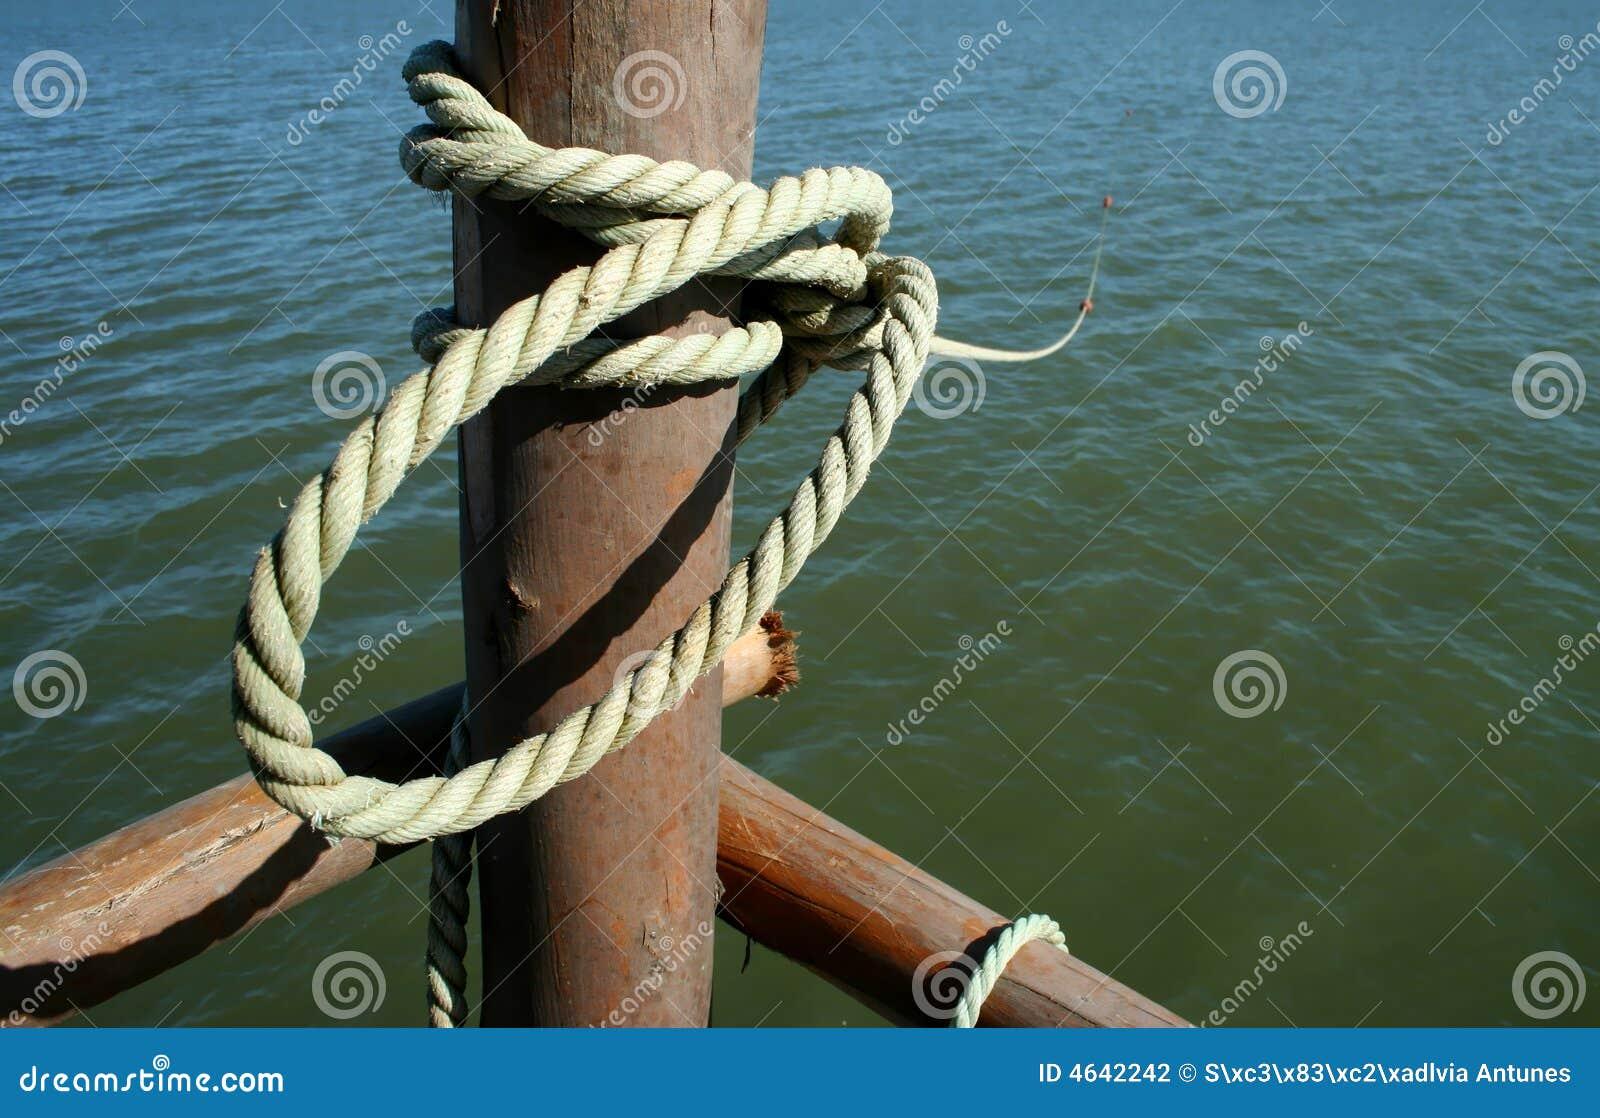 Corda amarrada a um pólo marinho